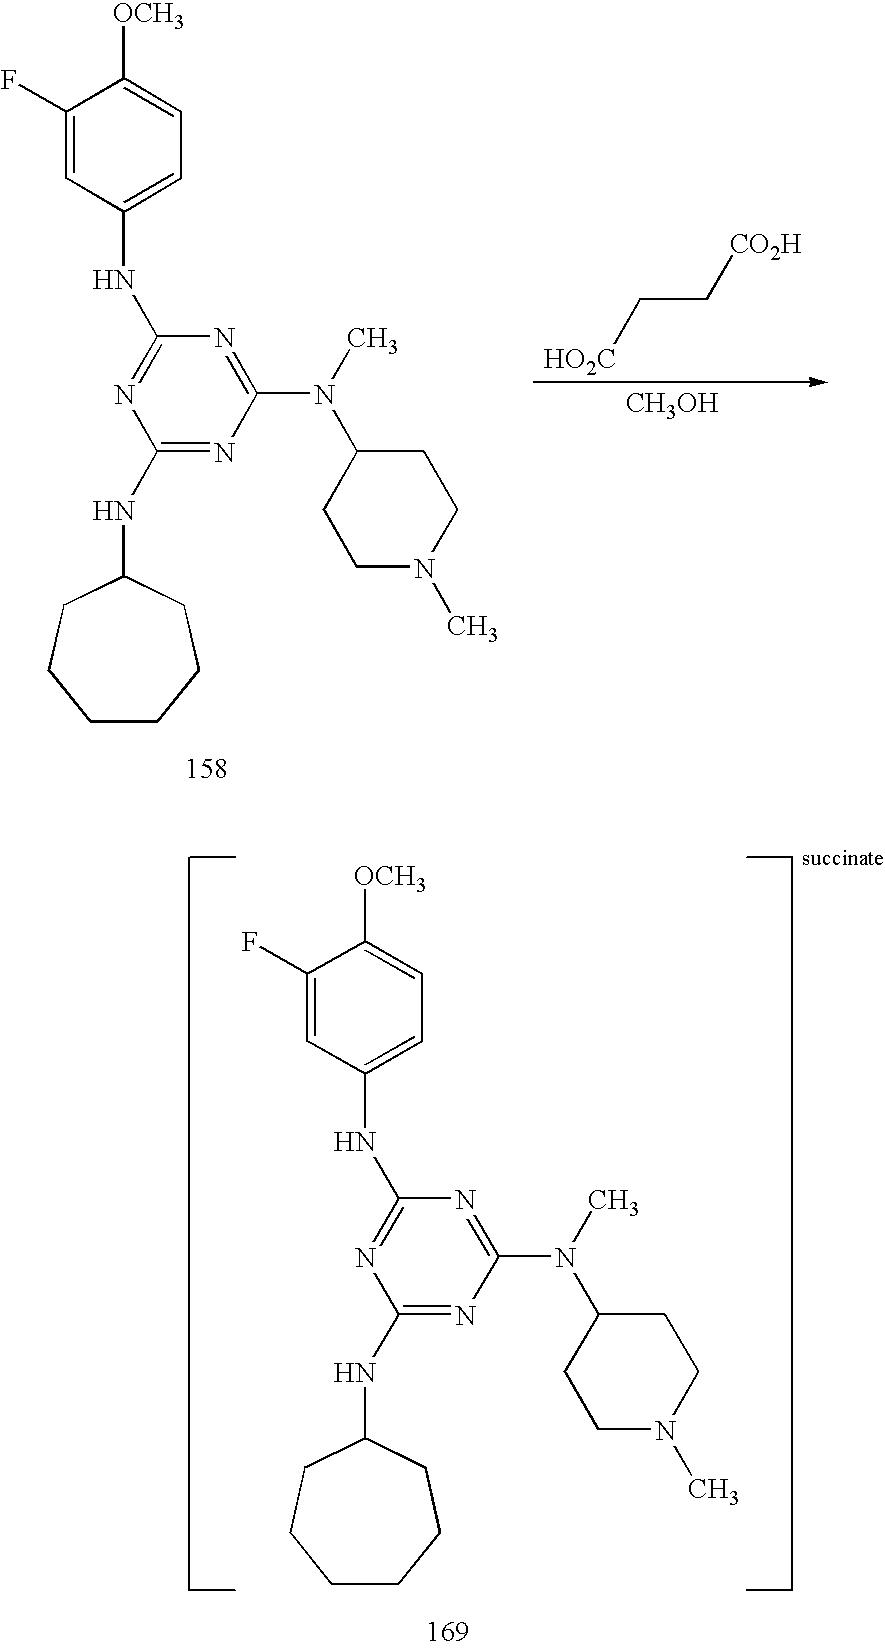 Figure US07112587-20060926-C00212